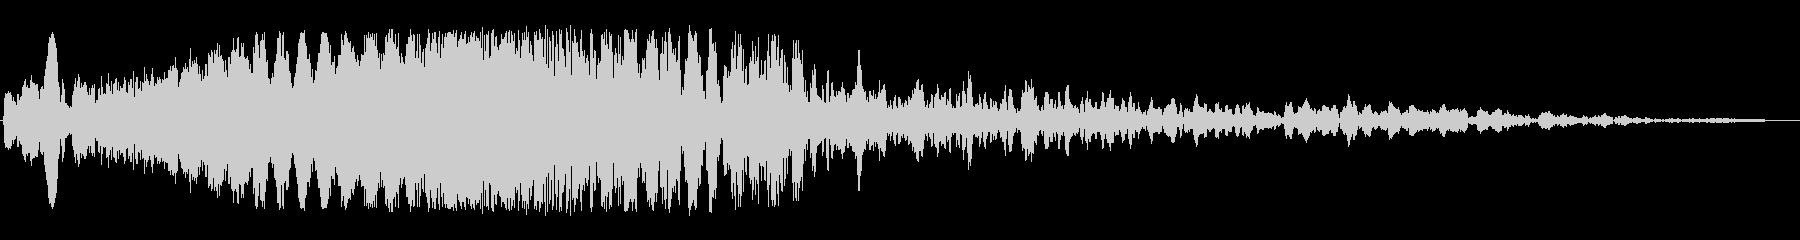 ウィーン(SFのワープ音)の未再生の波形